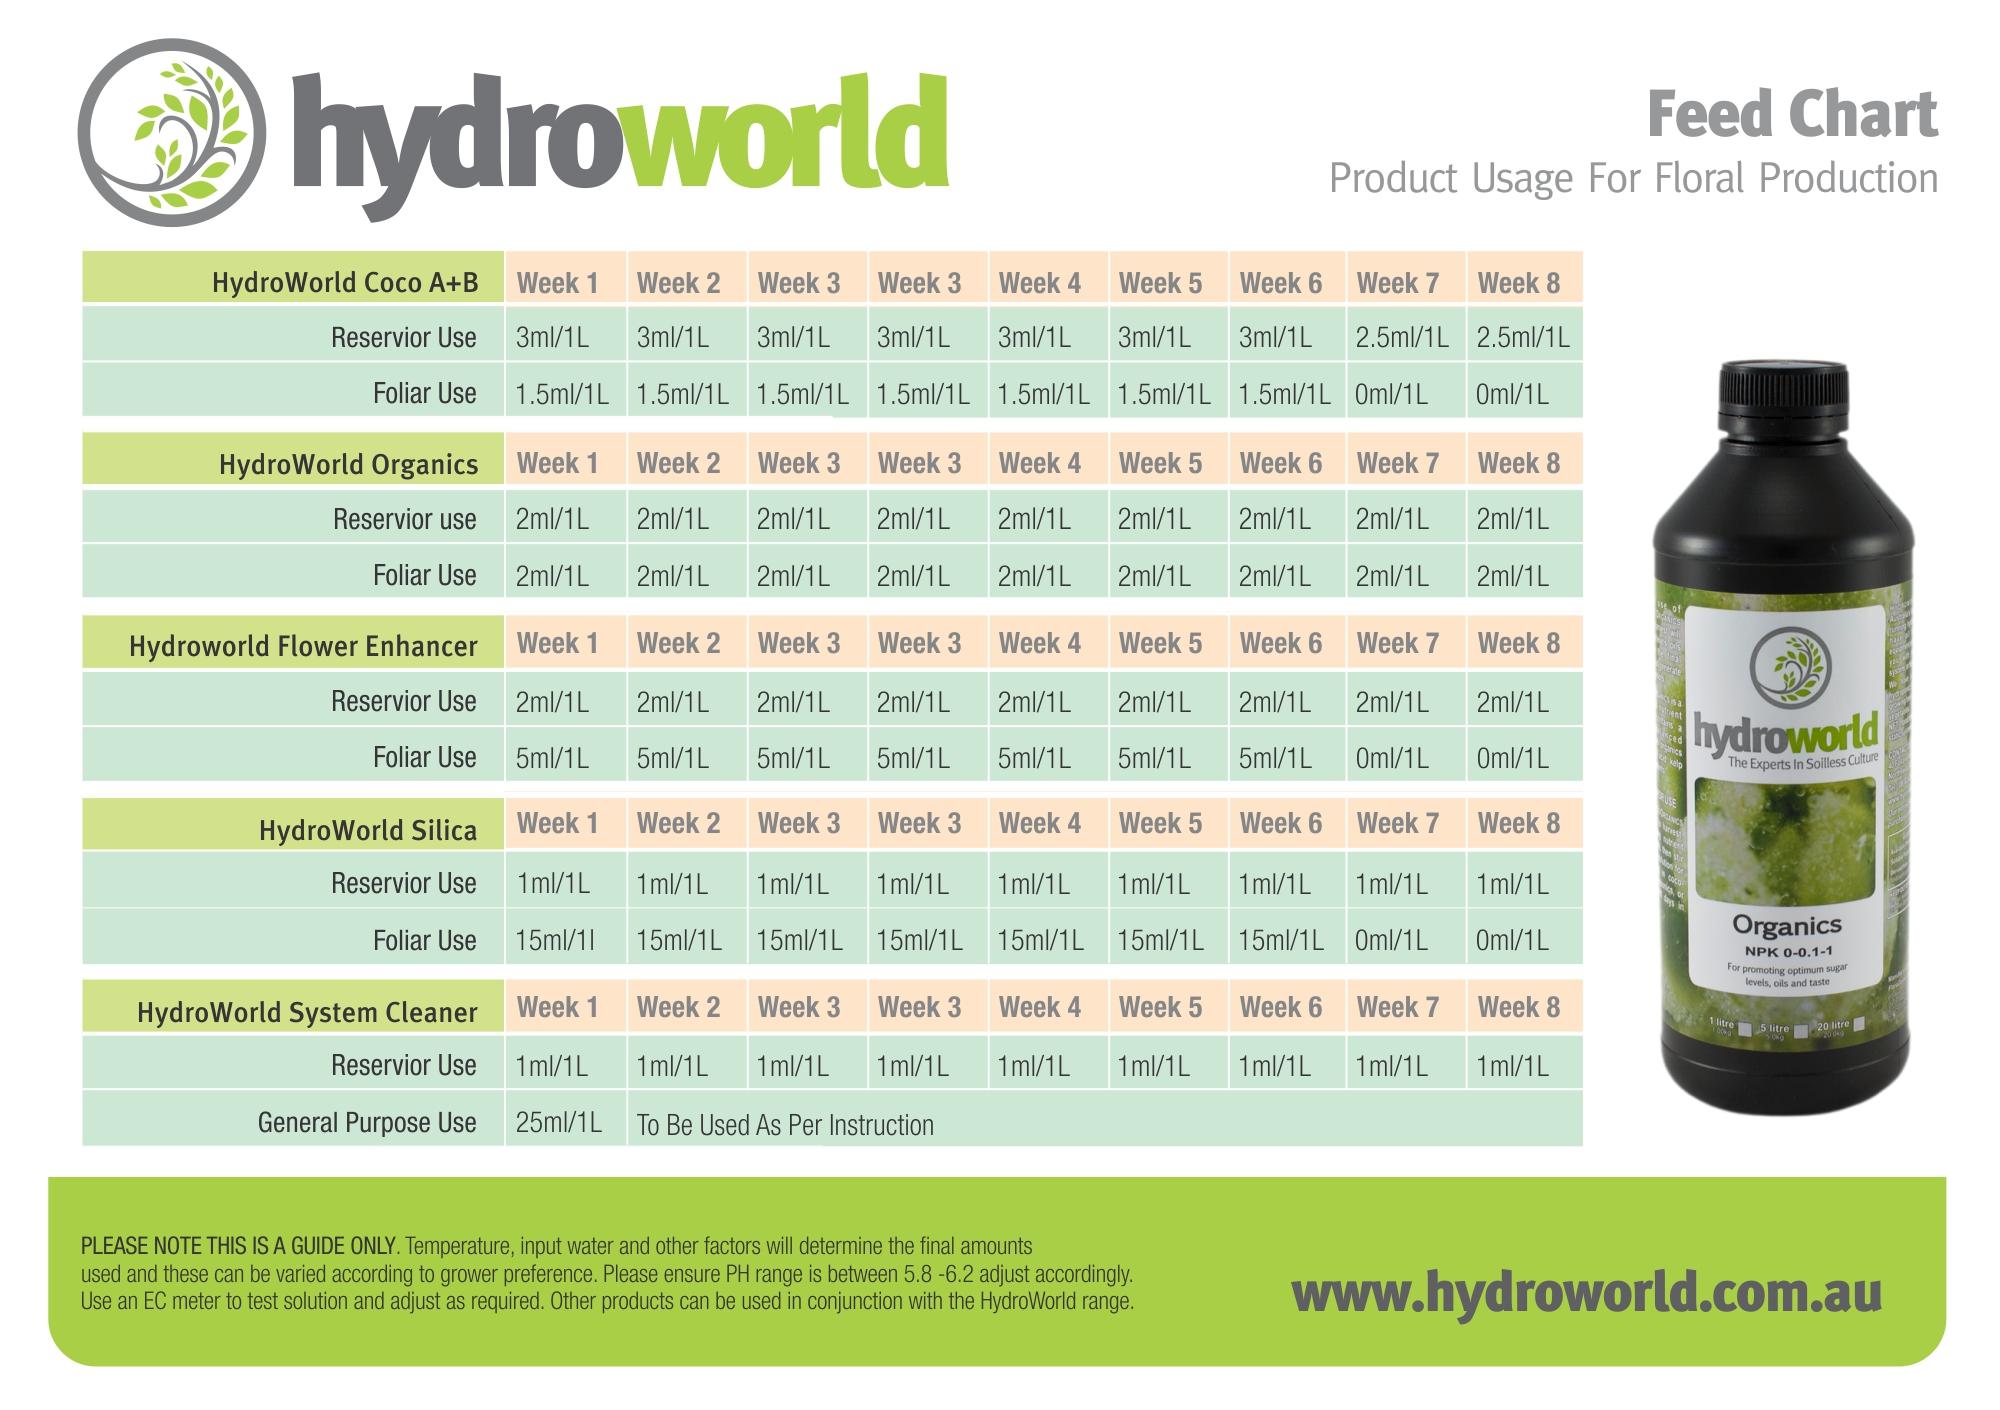 hydroworld-feed-chart-flo.jpg